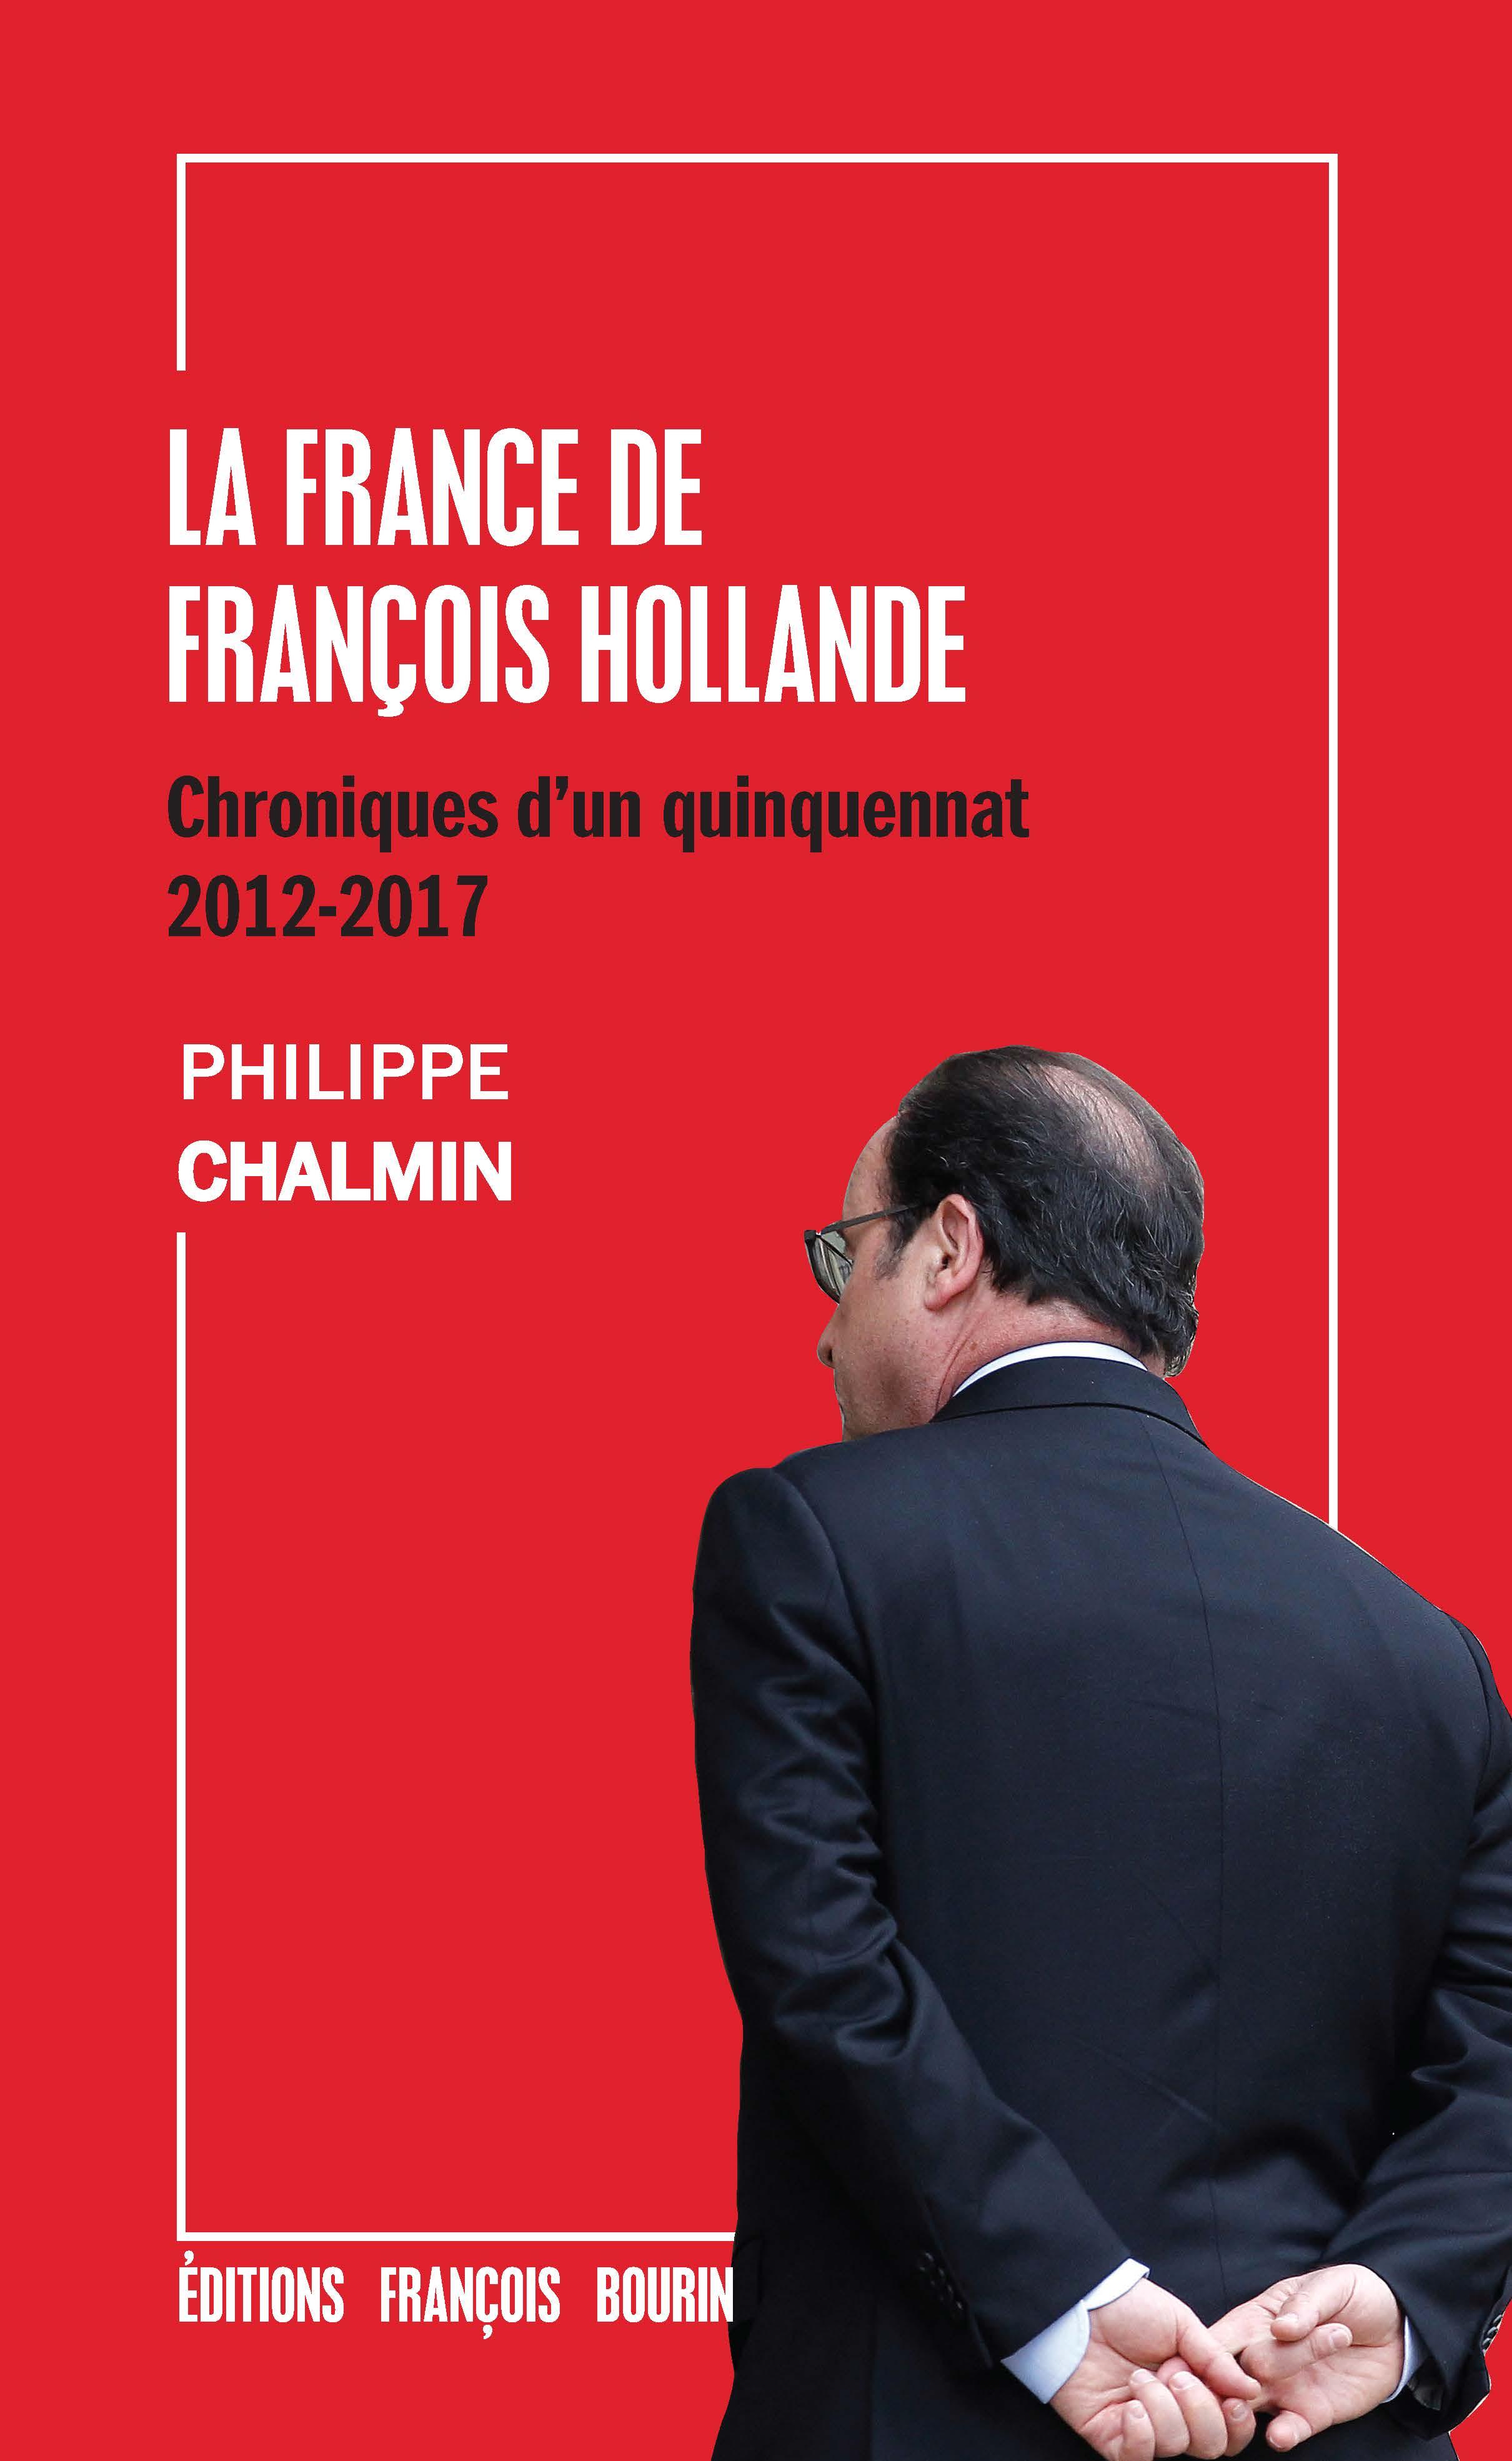 La France de Fran?ois Hollande, Chroniques d'un quinquennat: 2012-2017